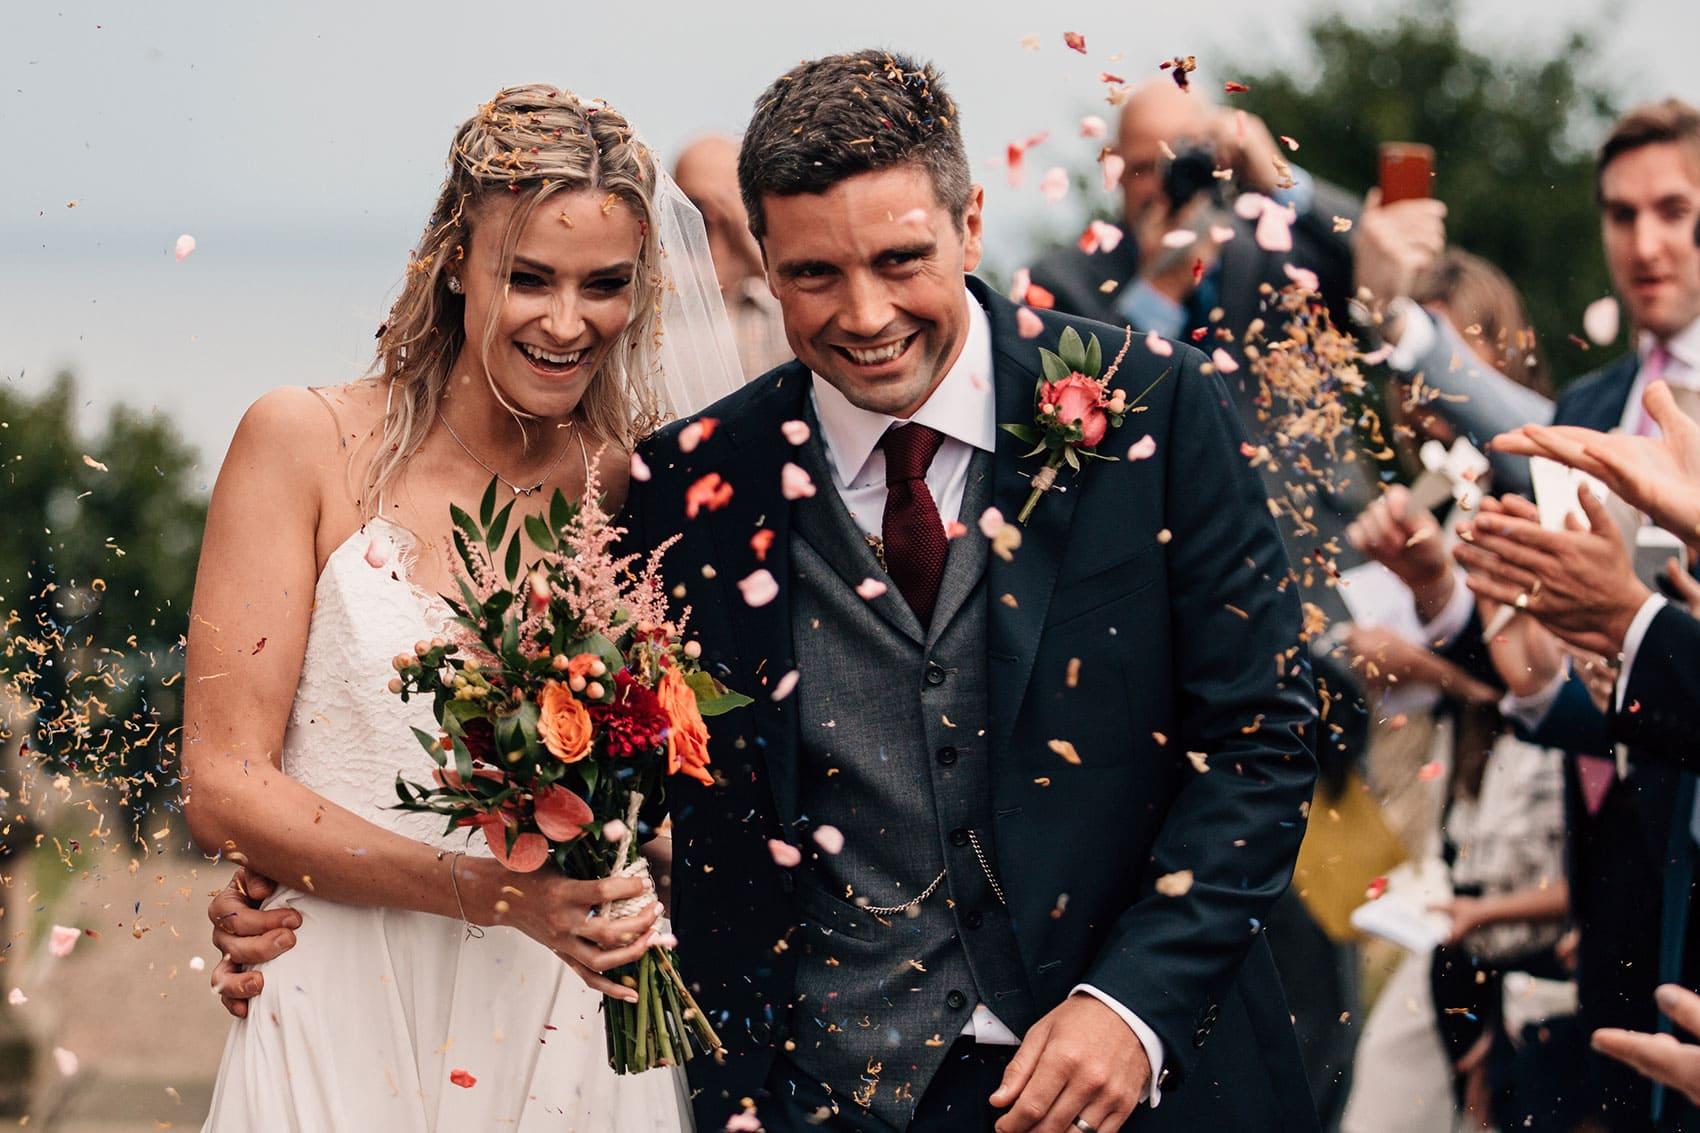 bohemian wedding confetti